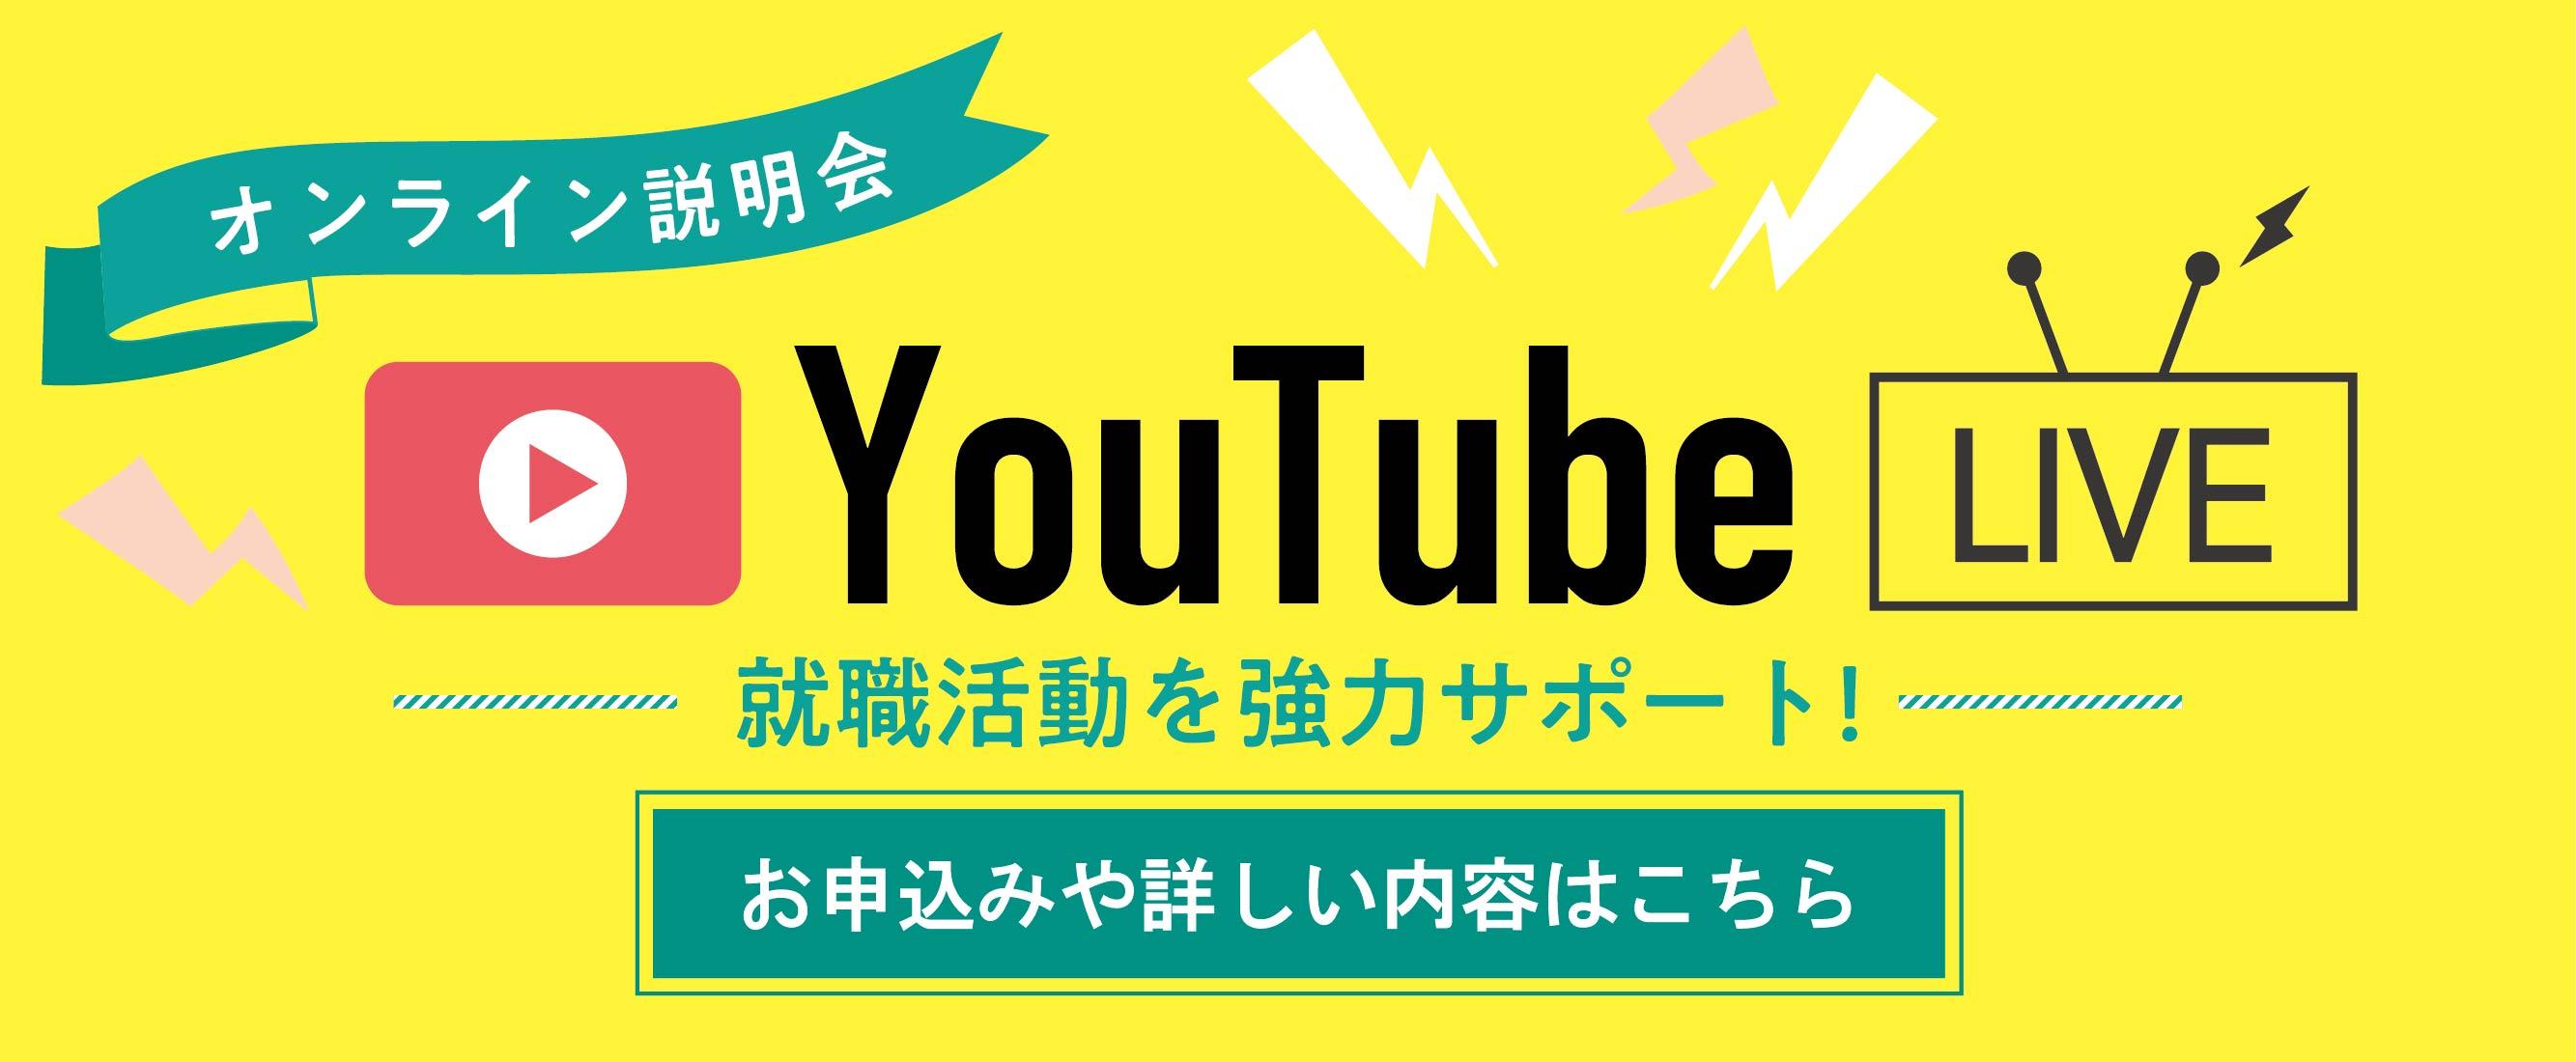 オンライン説明会 YouTube LIVE 就職活動を強力サポート!